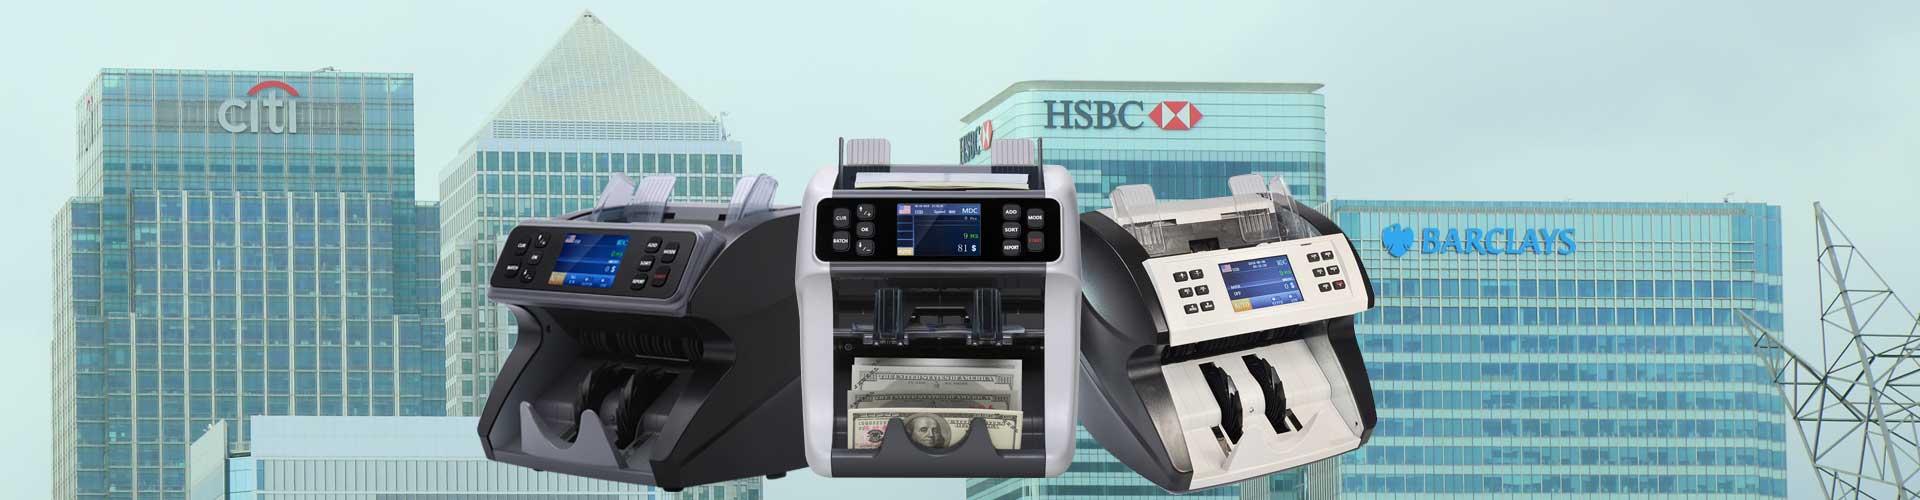 money denomination counter